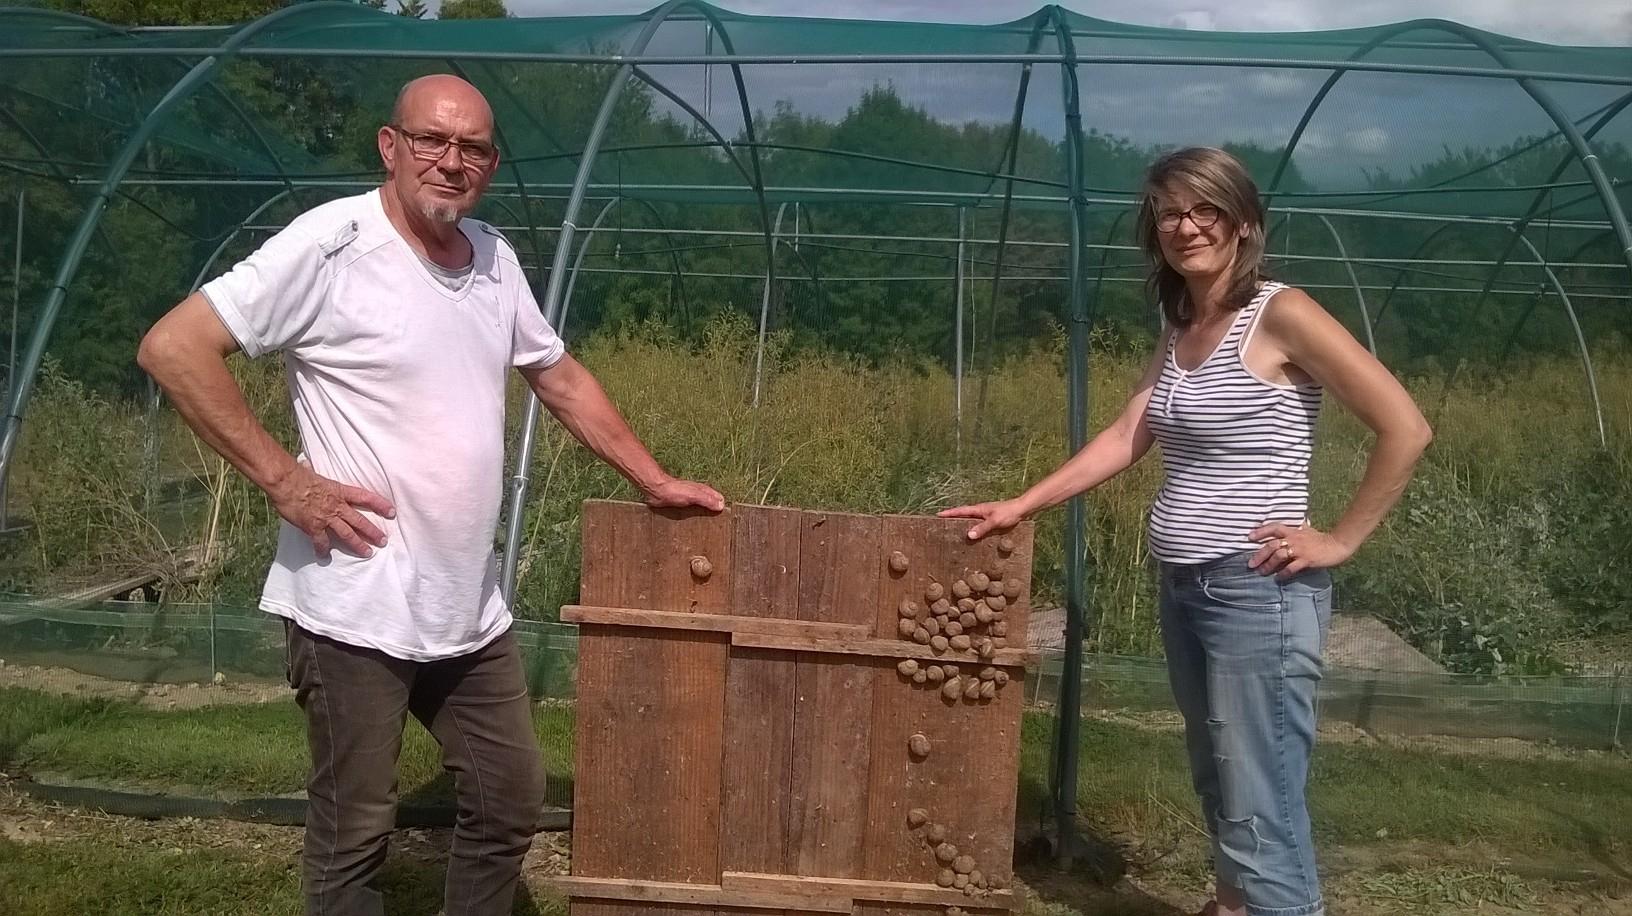 Près De Pont-Audemer, La Ferme Aux 200 000 Escargots Ouvre pour Elevage Escargot